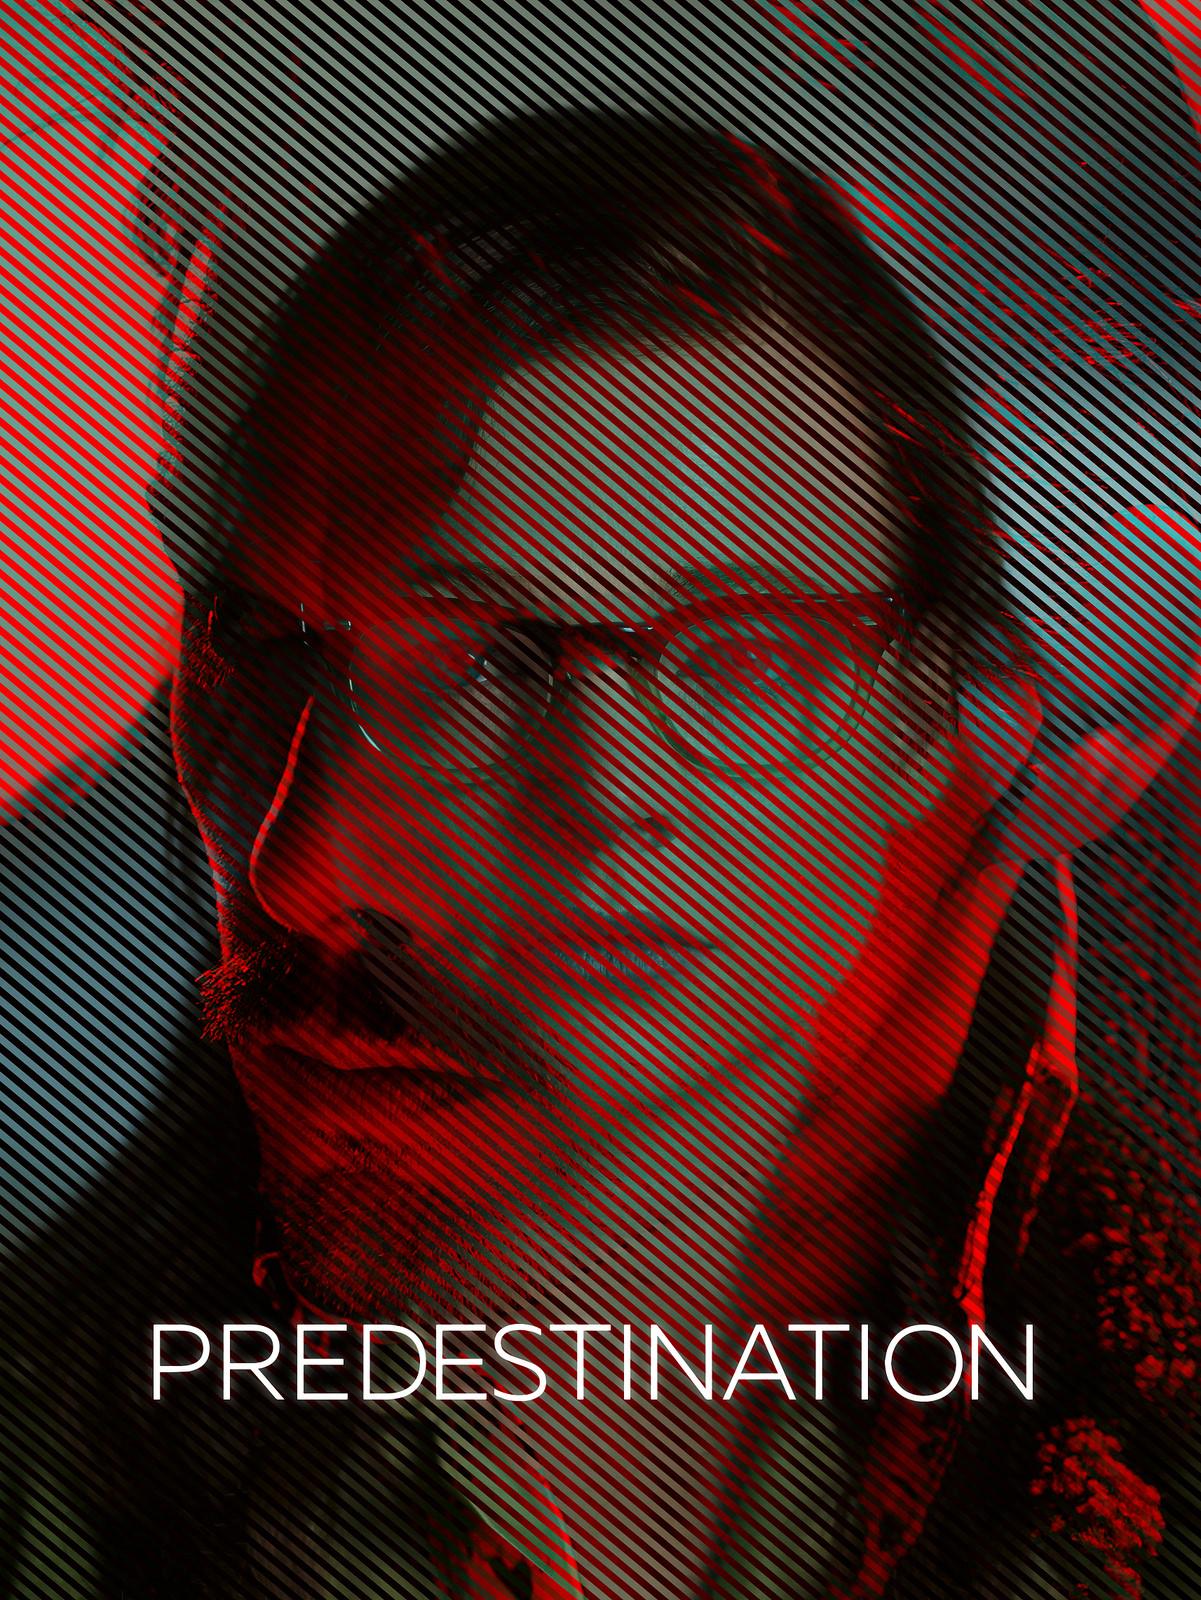 PREDESTINATION FILM - PosterSpy Predestination